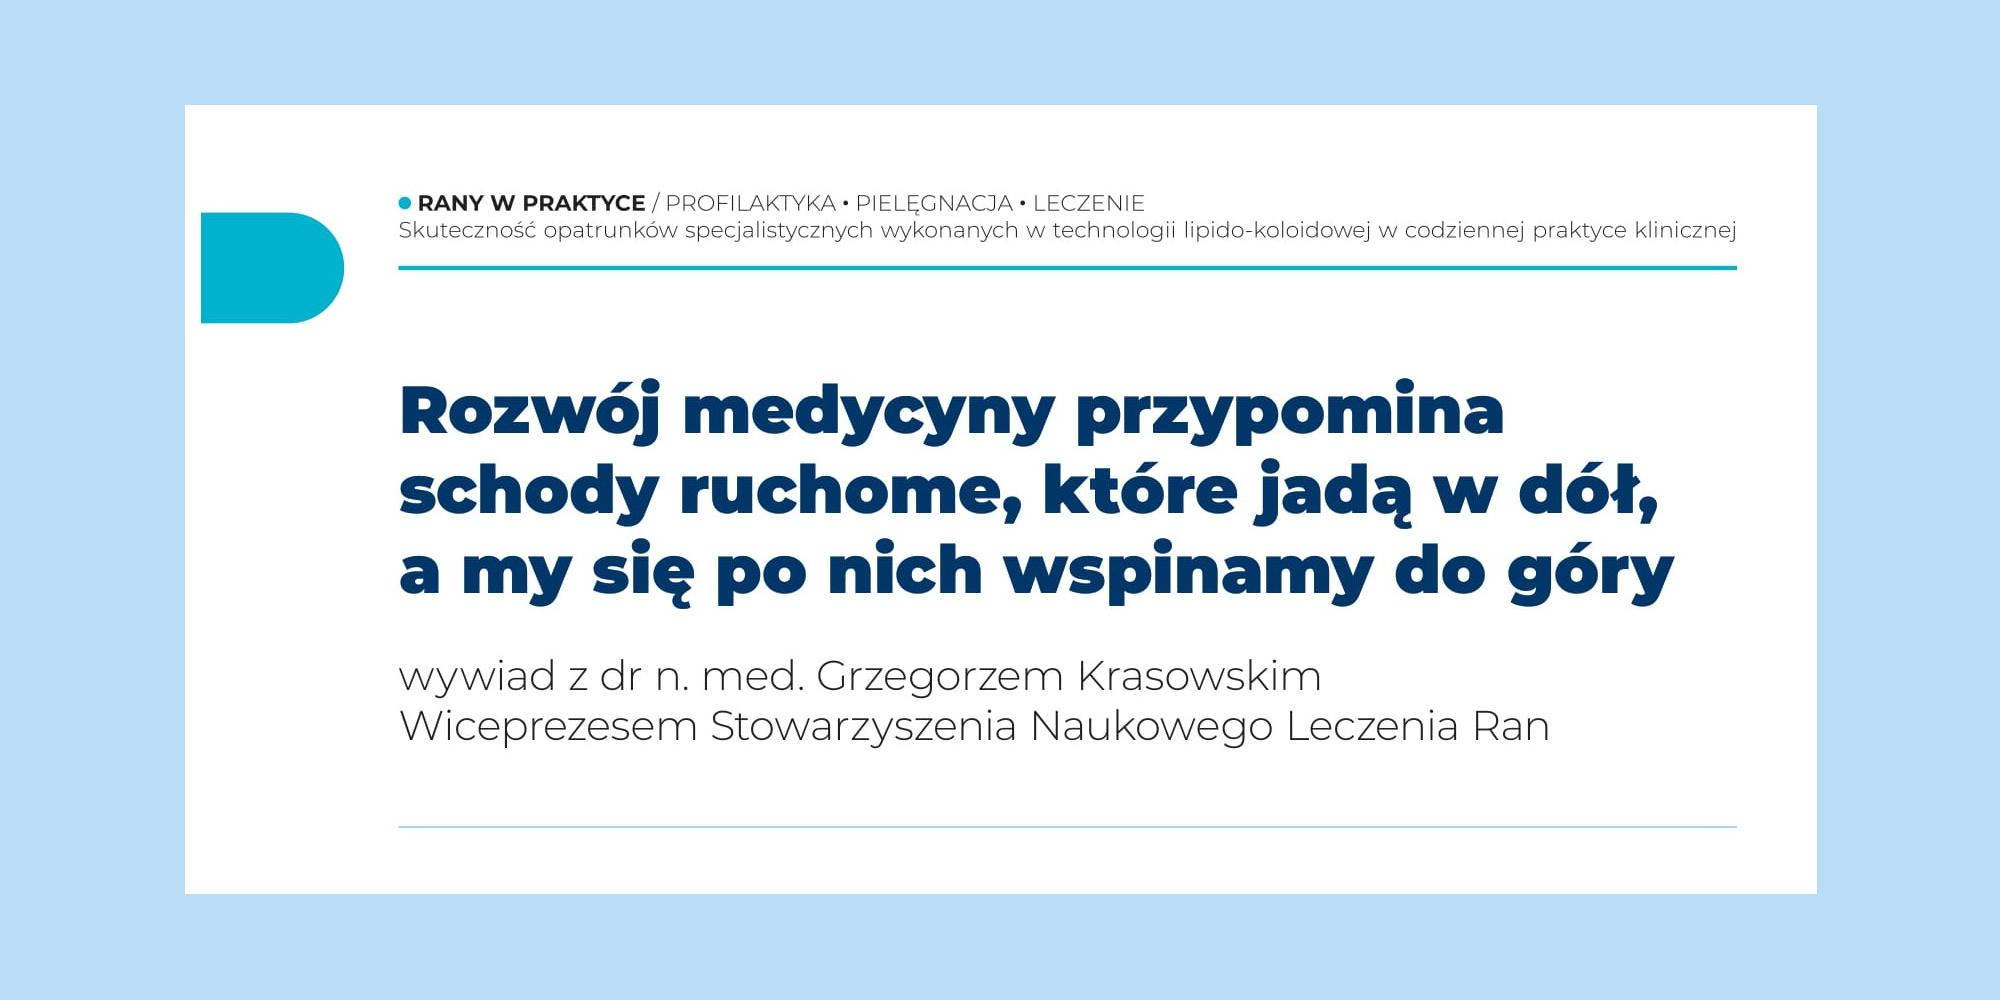 Wywiad z dr. n. med. Grzegorzem Krasowskim